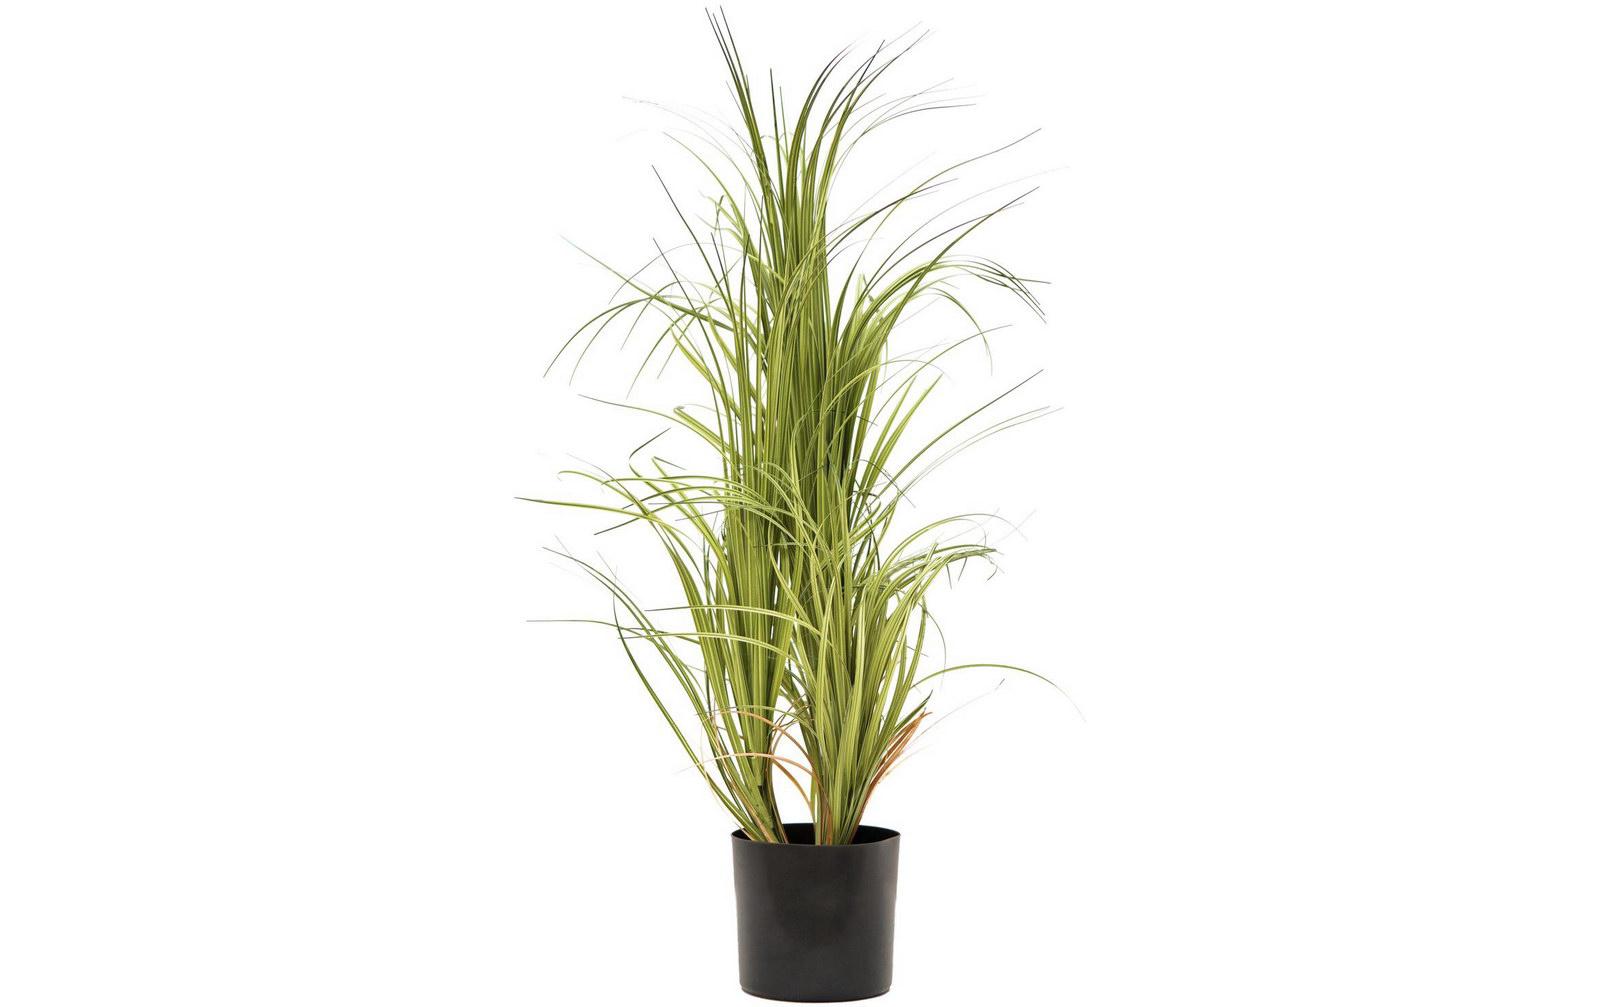 europalms-dracenabusch-mit-schwarzen-topf-80cm-kunststoffpflanze